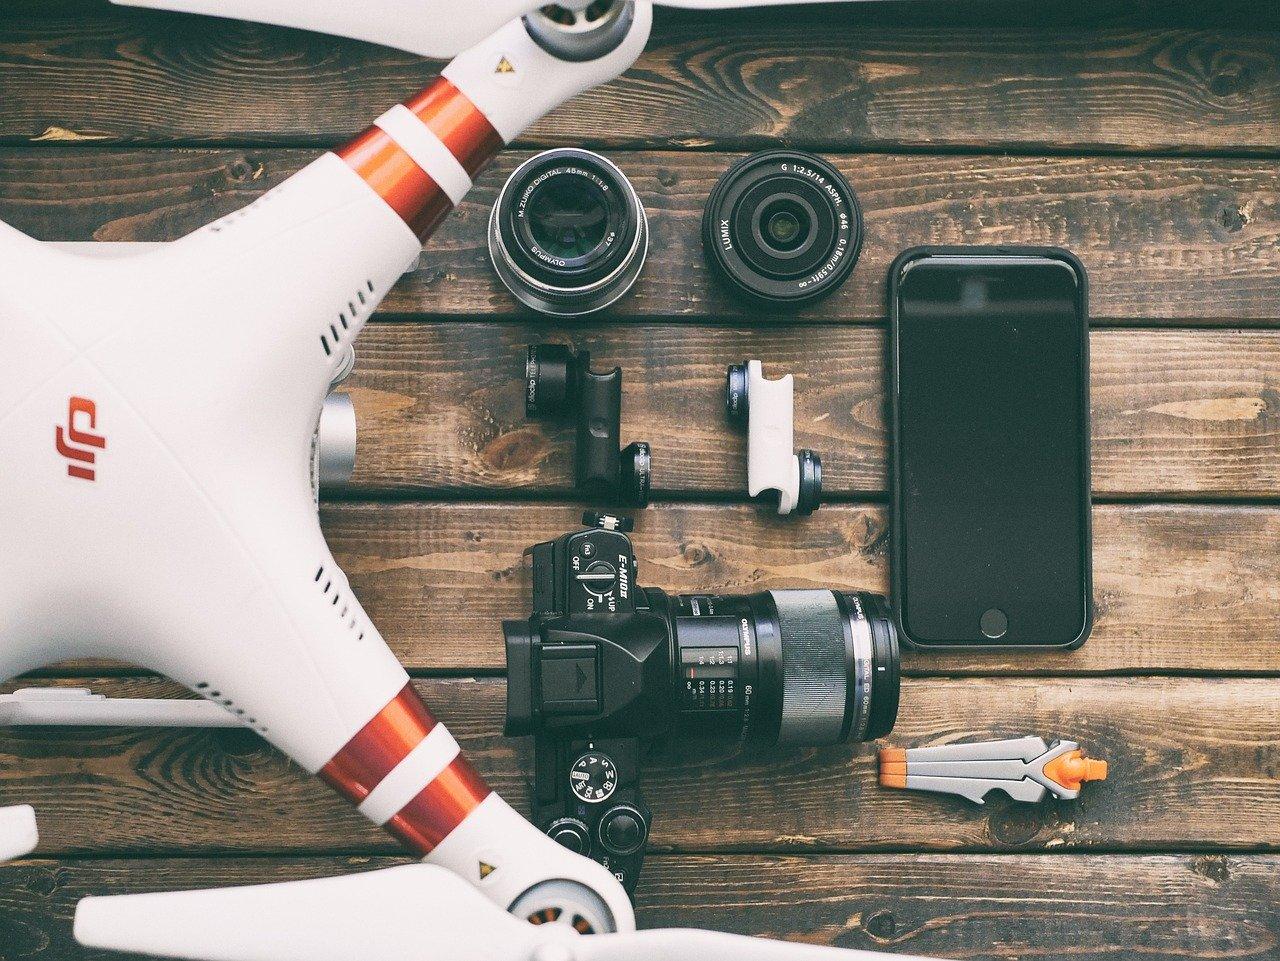 Πώς να χρησιμοποιήσεις σωστά ένα drone για φωτογράφιση